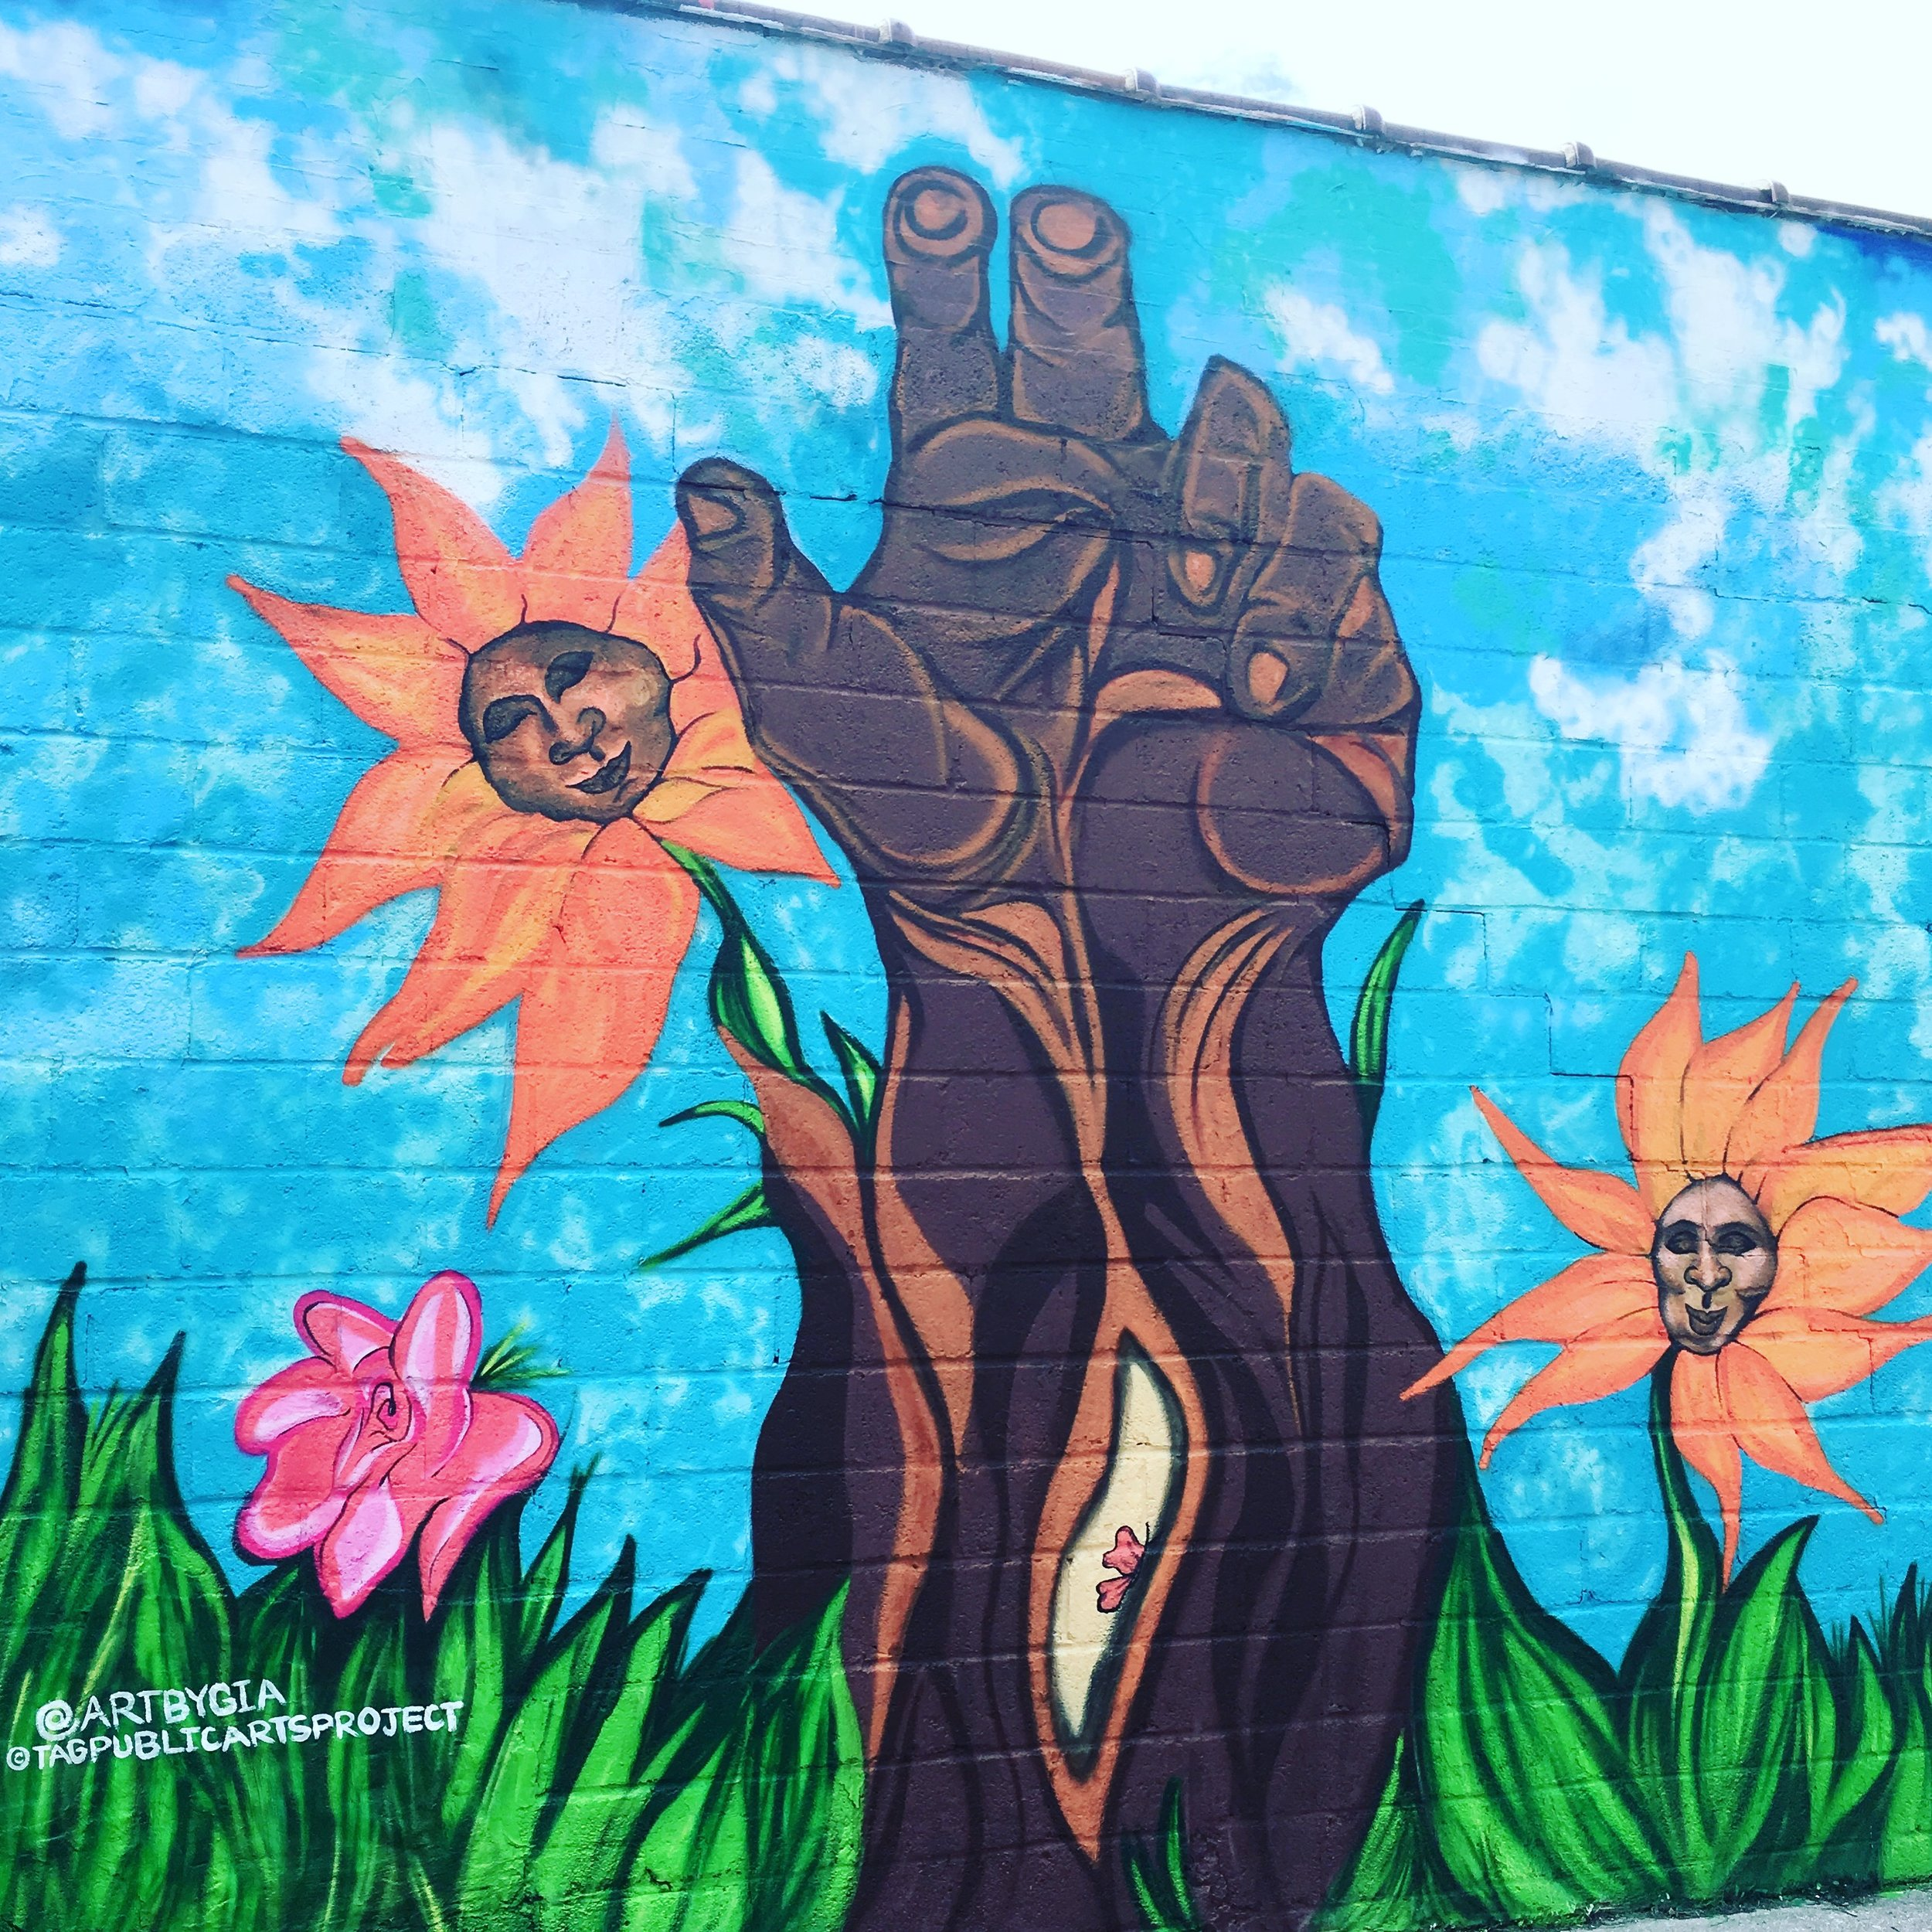 Poderosa, Tag Public Arts Project